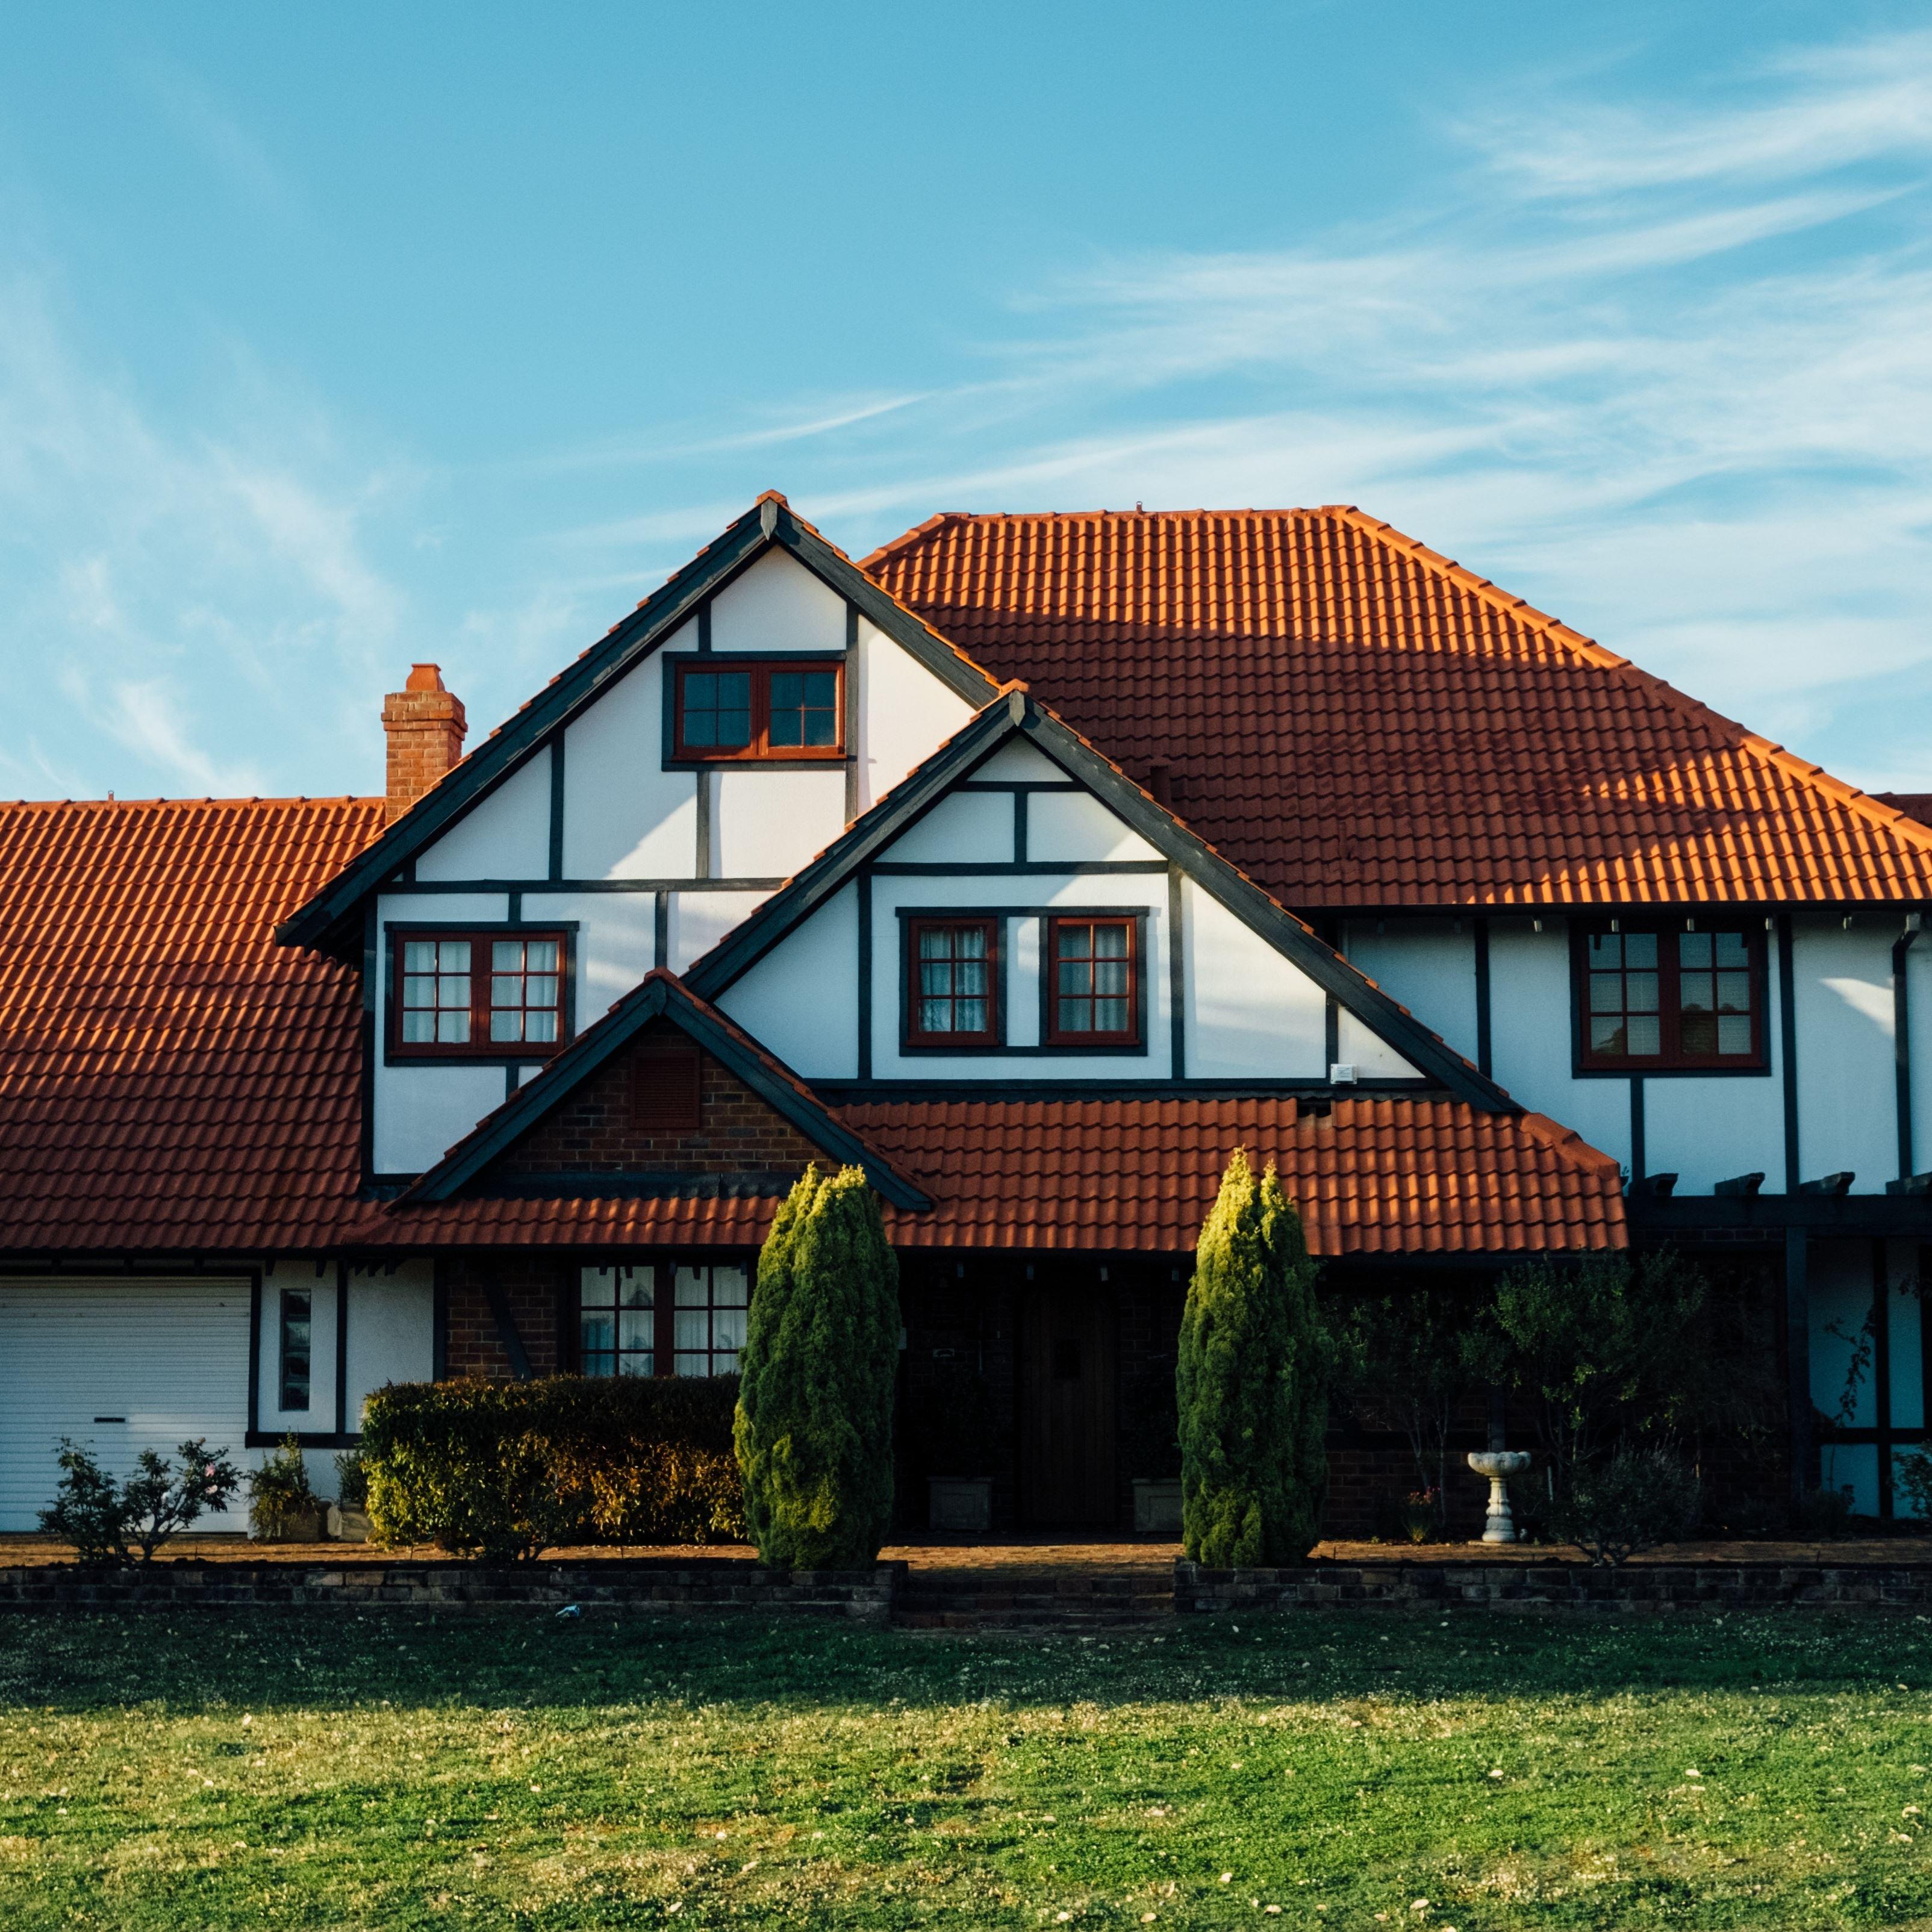 Big House Ipad Wallpaper